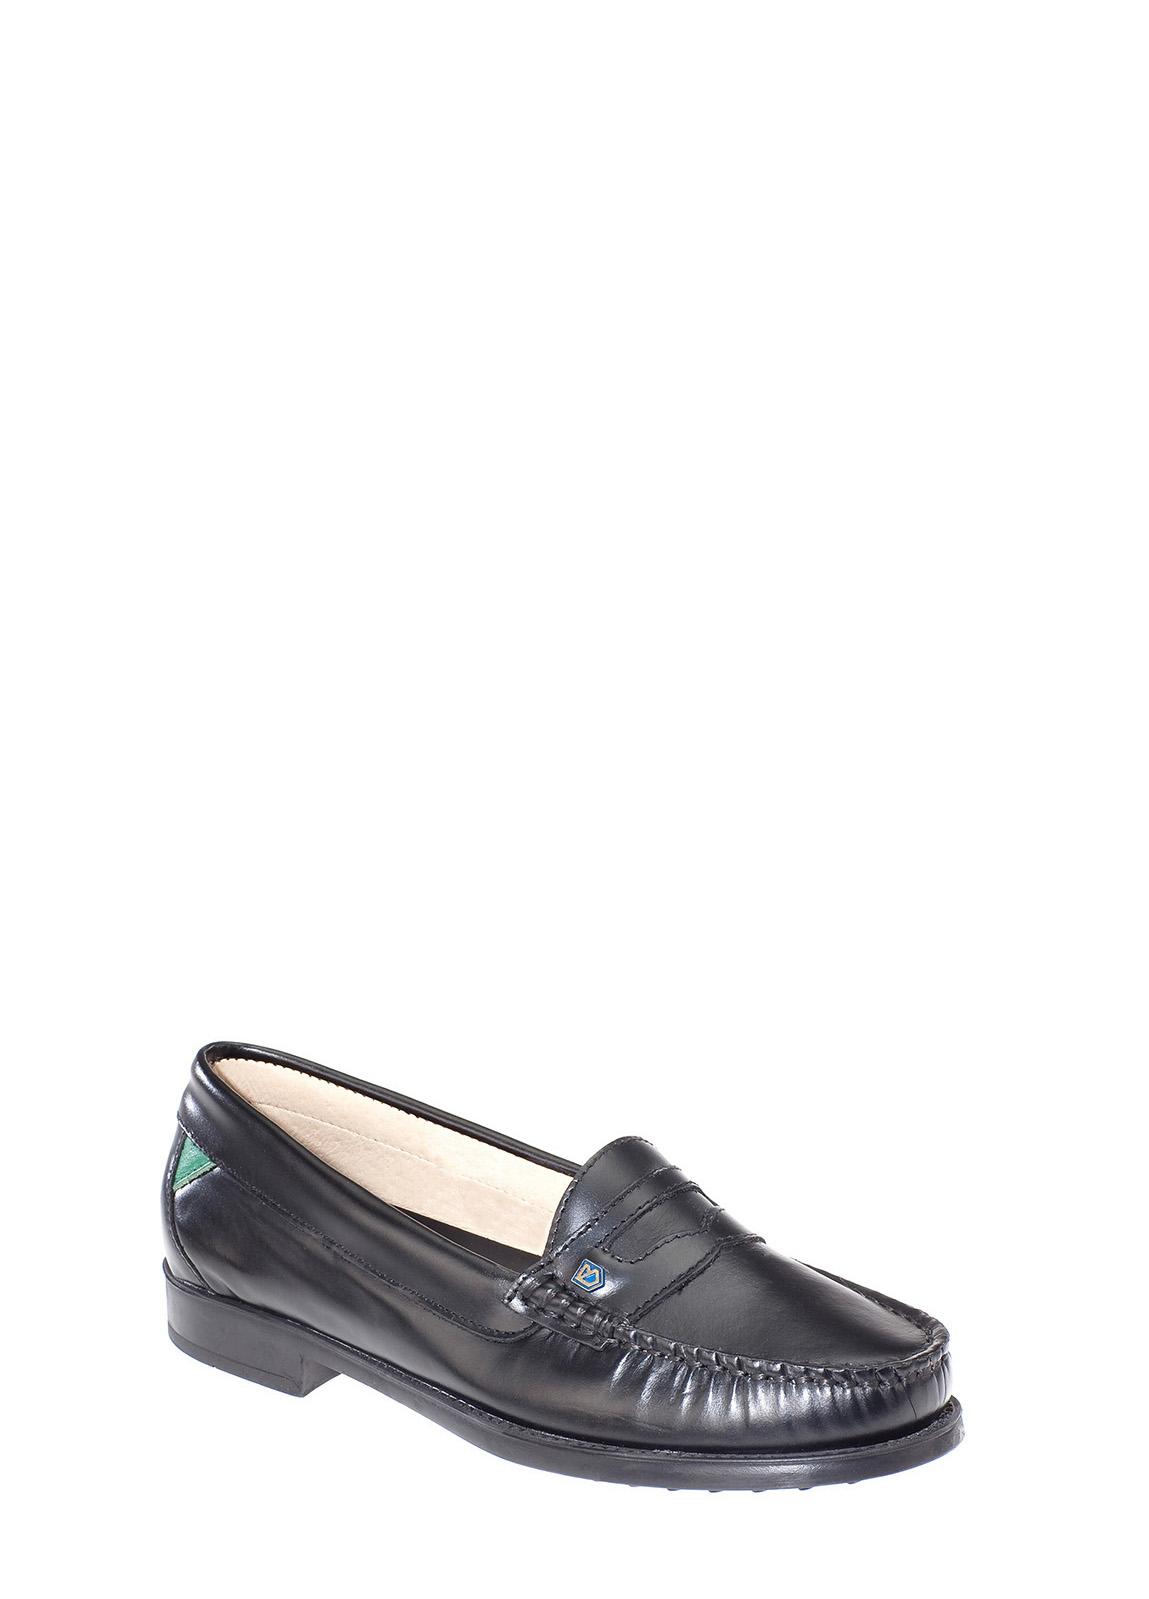 Oxford loafer - Black